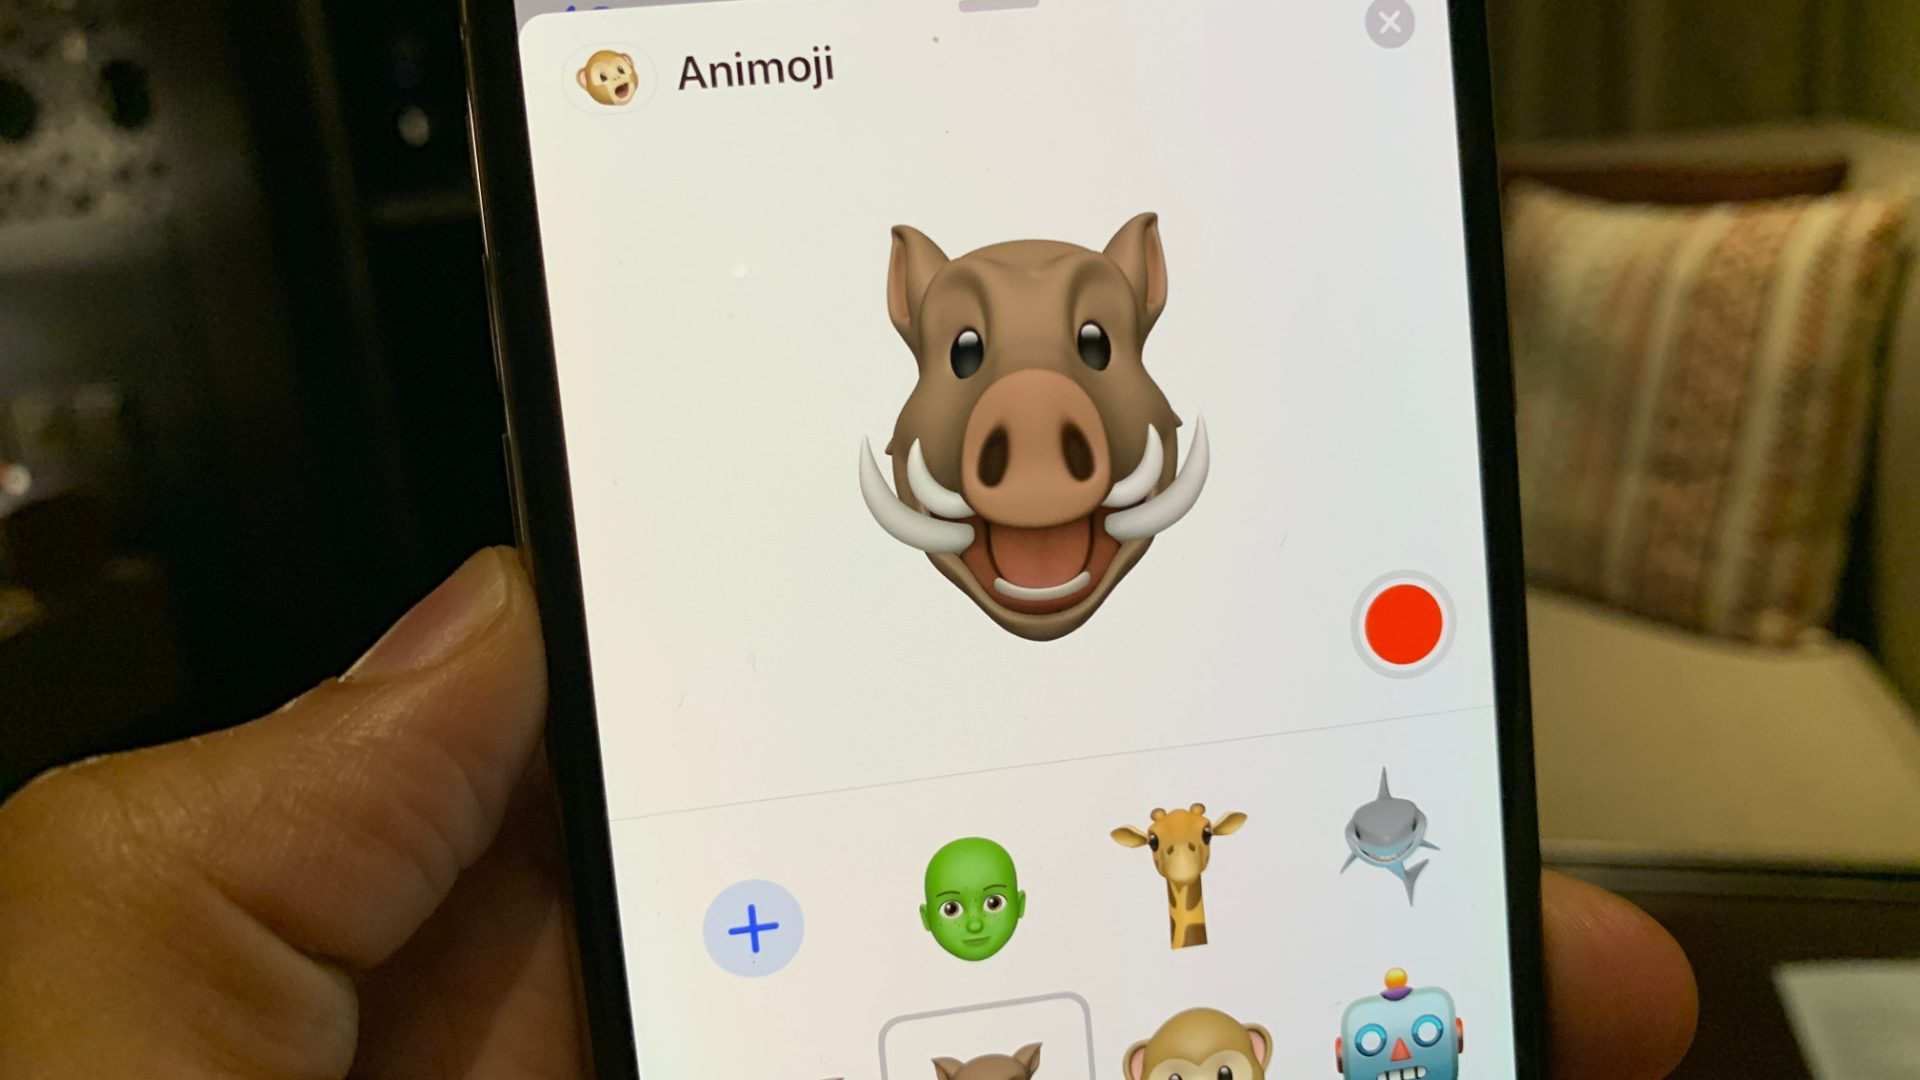 new-animoji-12_2-beta-warthog-giraffe-shark-owl.jpg